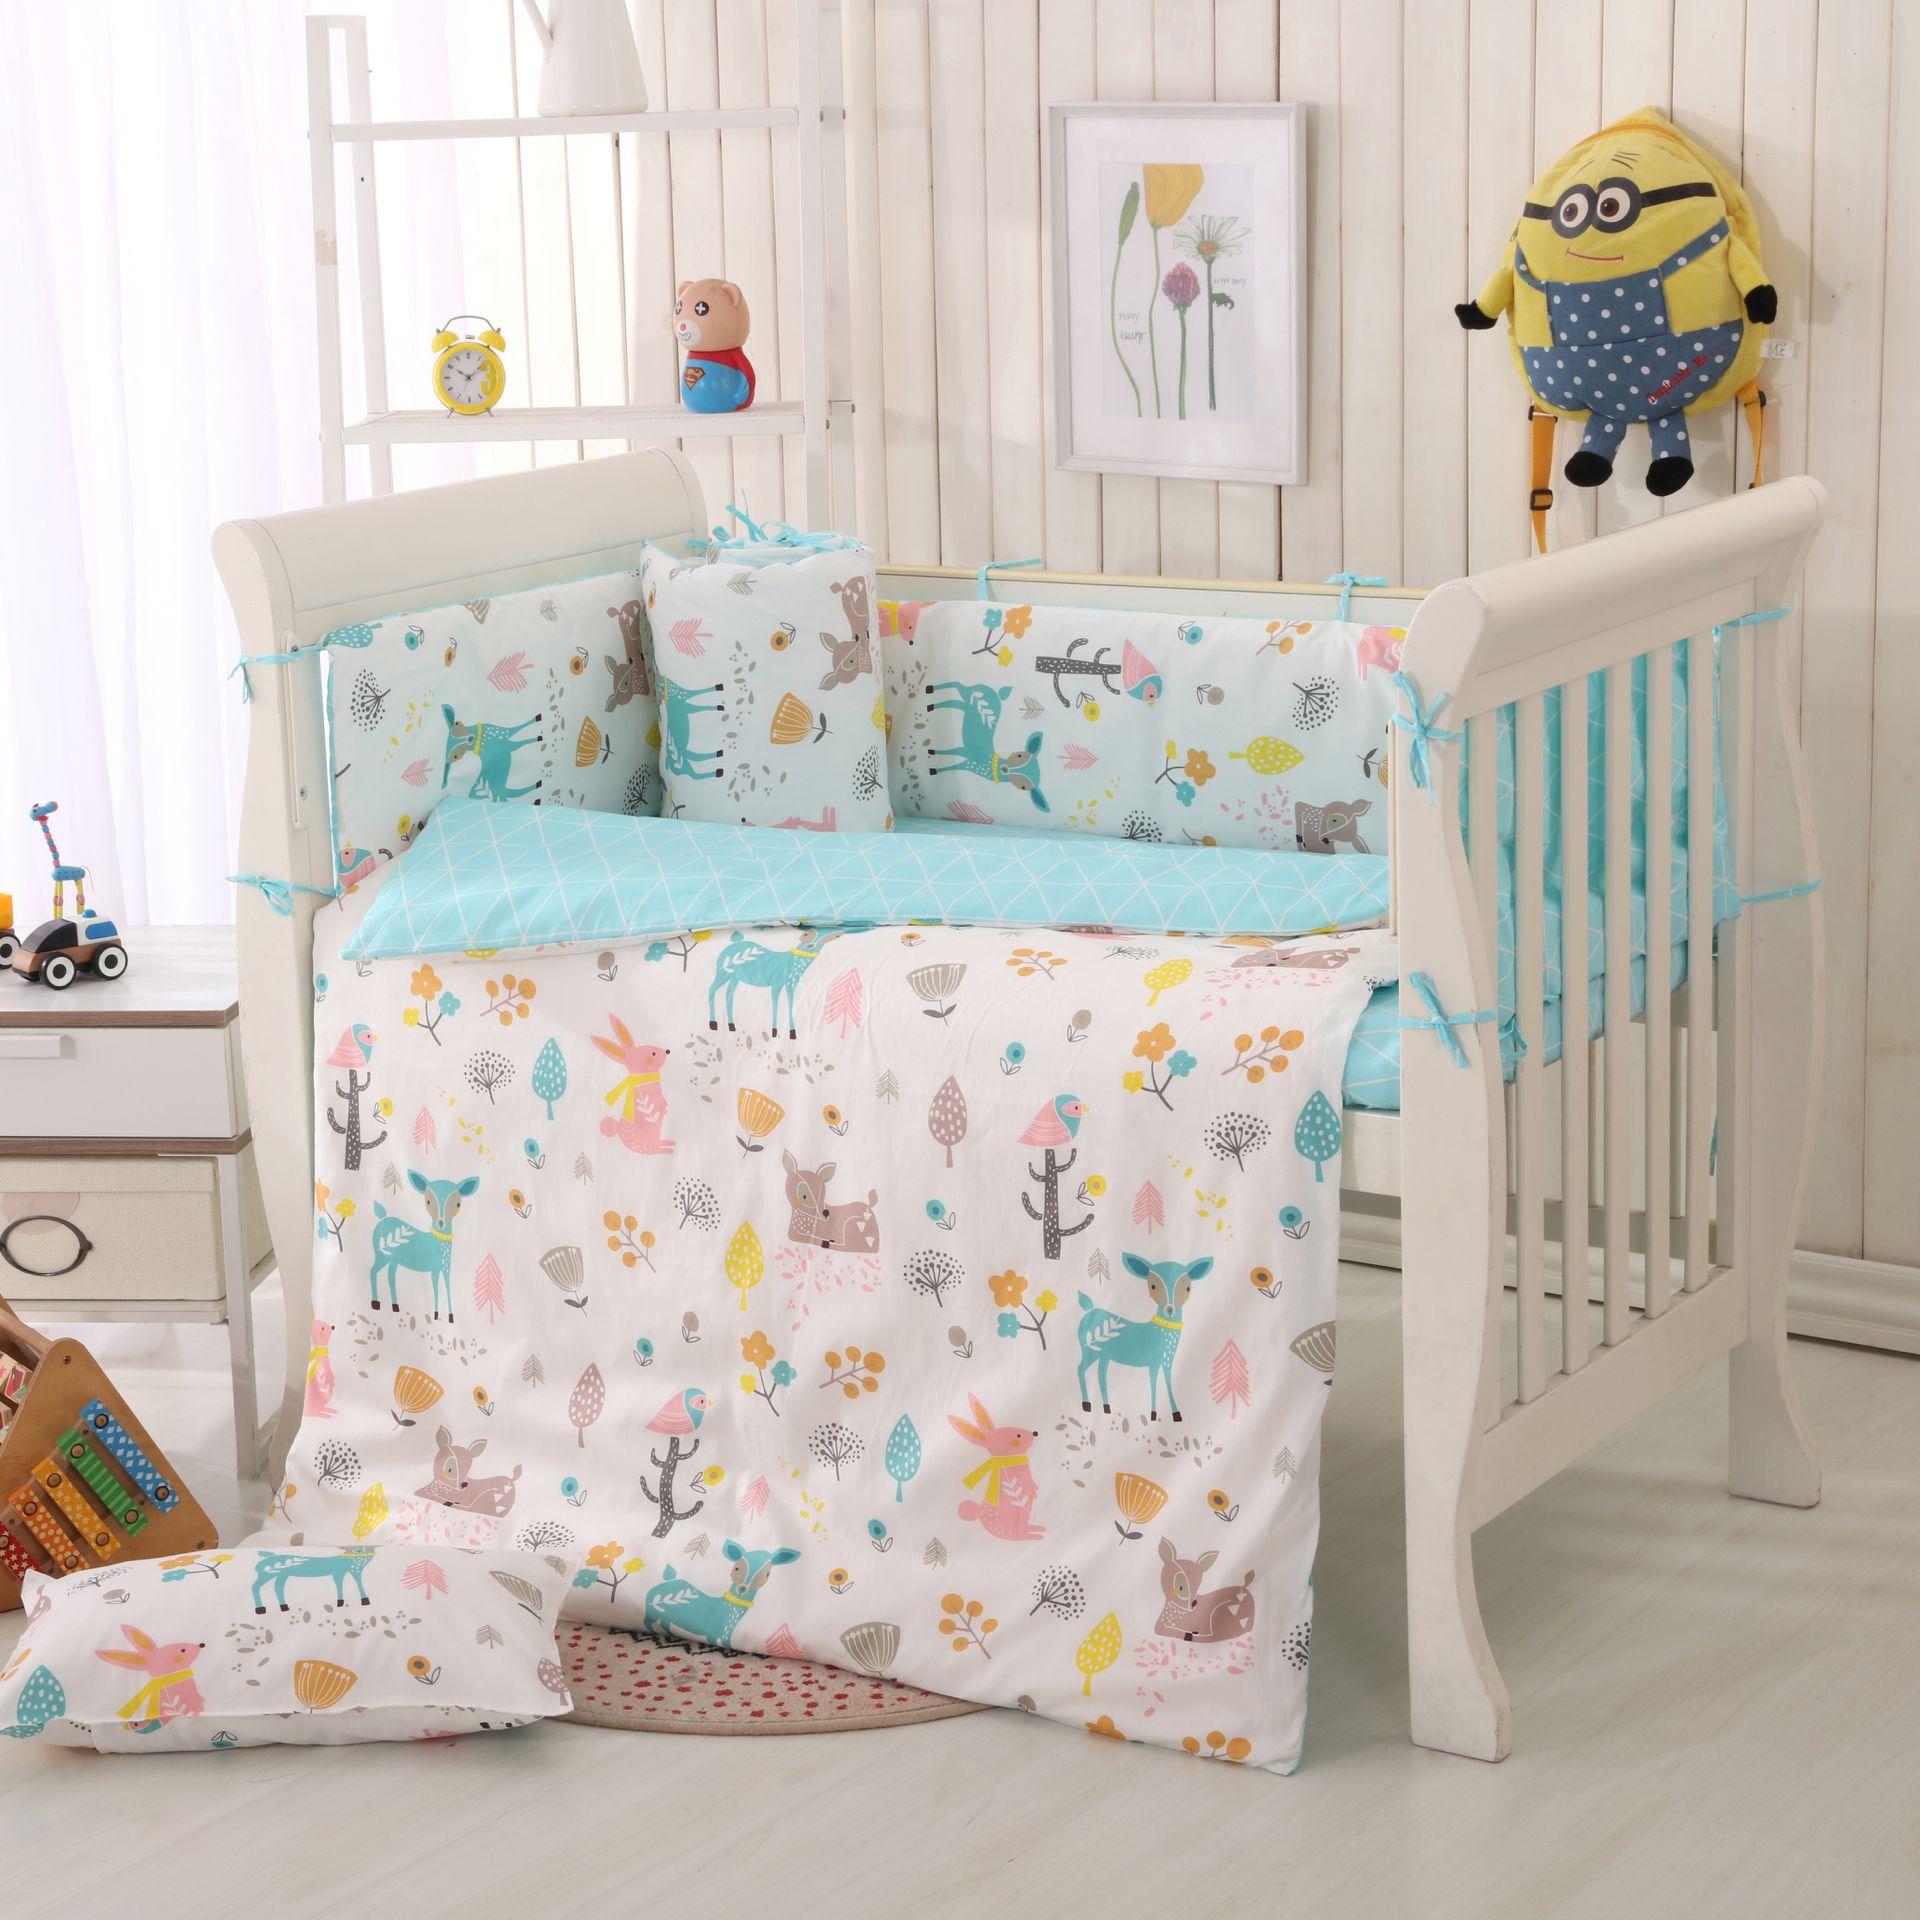 婴幼儿床品新生儿全棉被罩婴儿床被套单件儿童宝宝被单床上用品